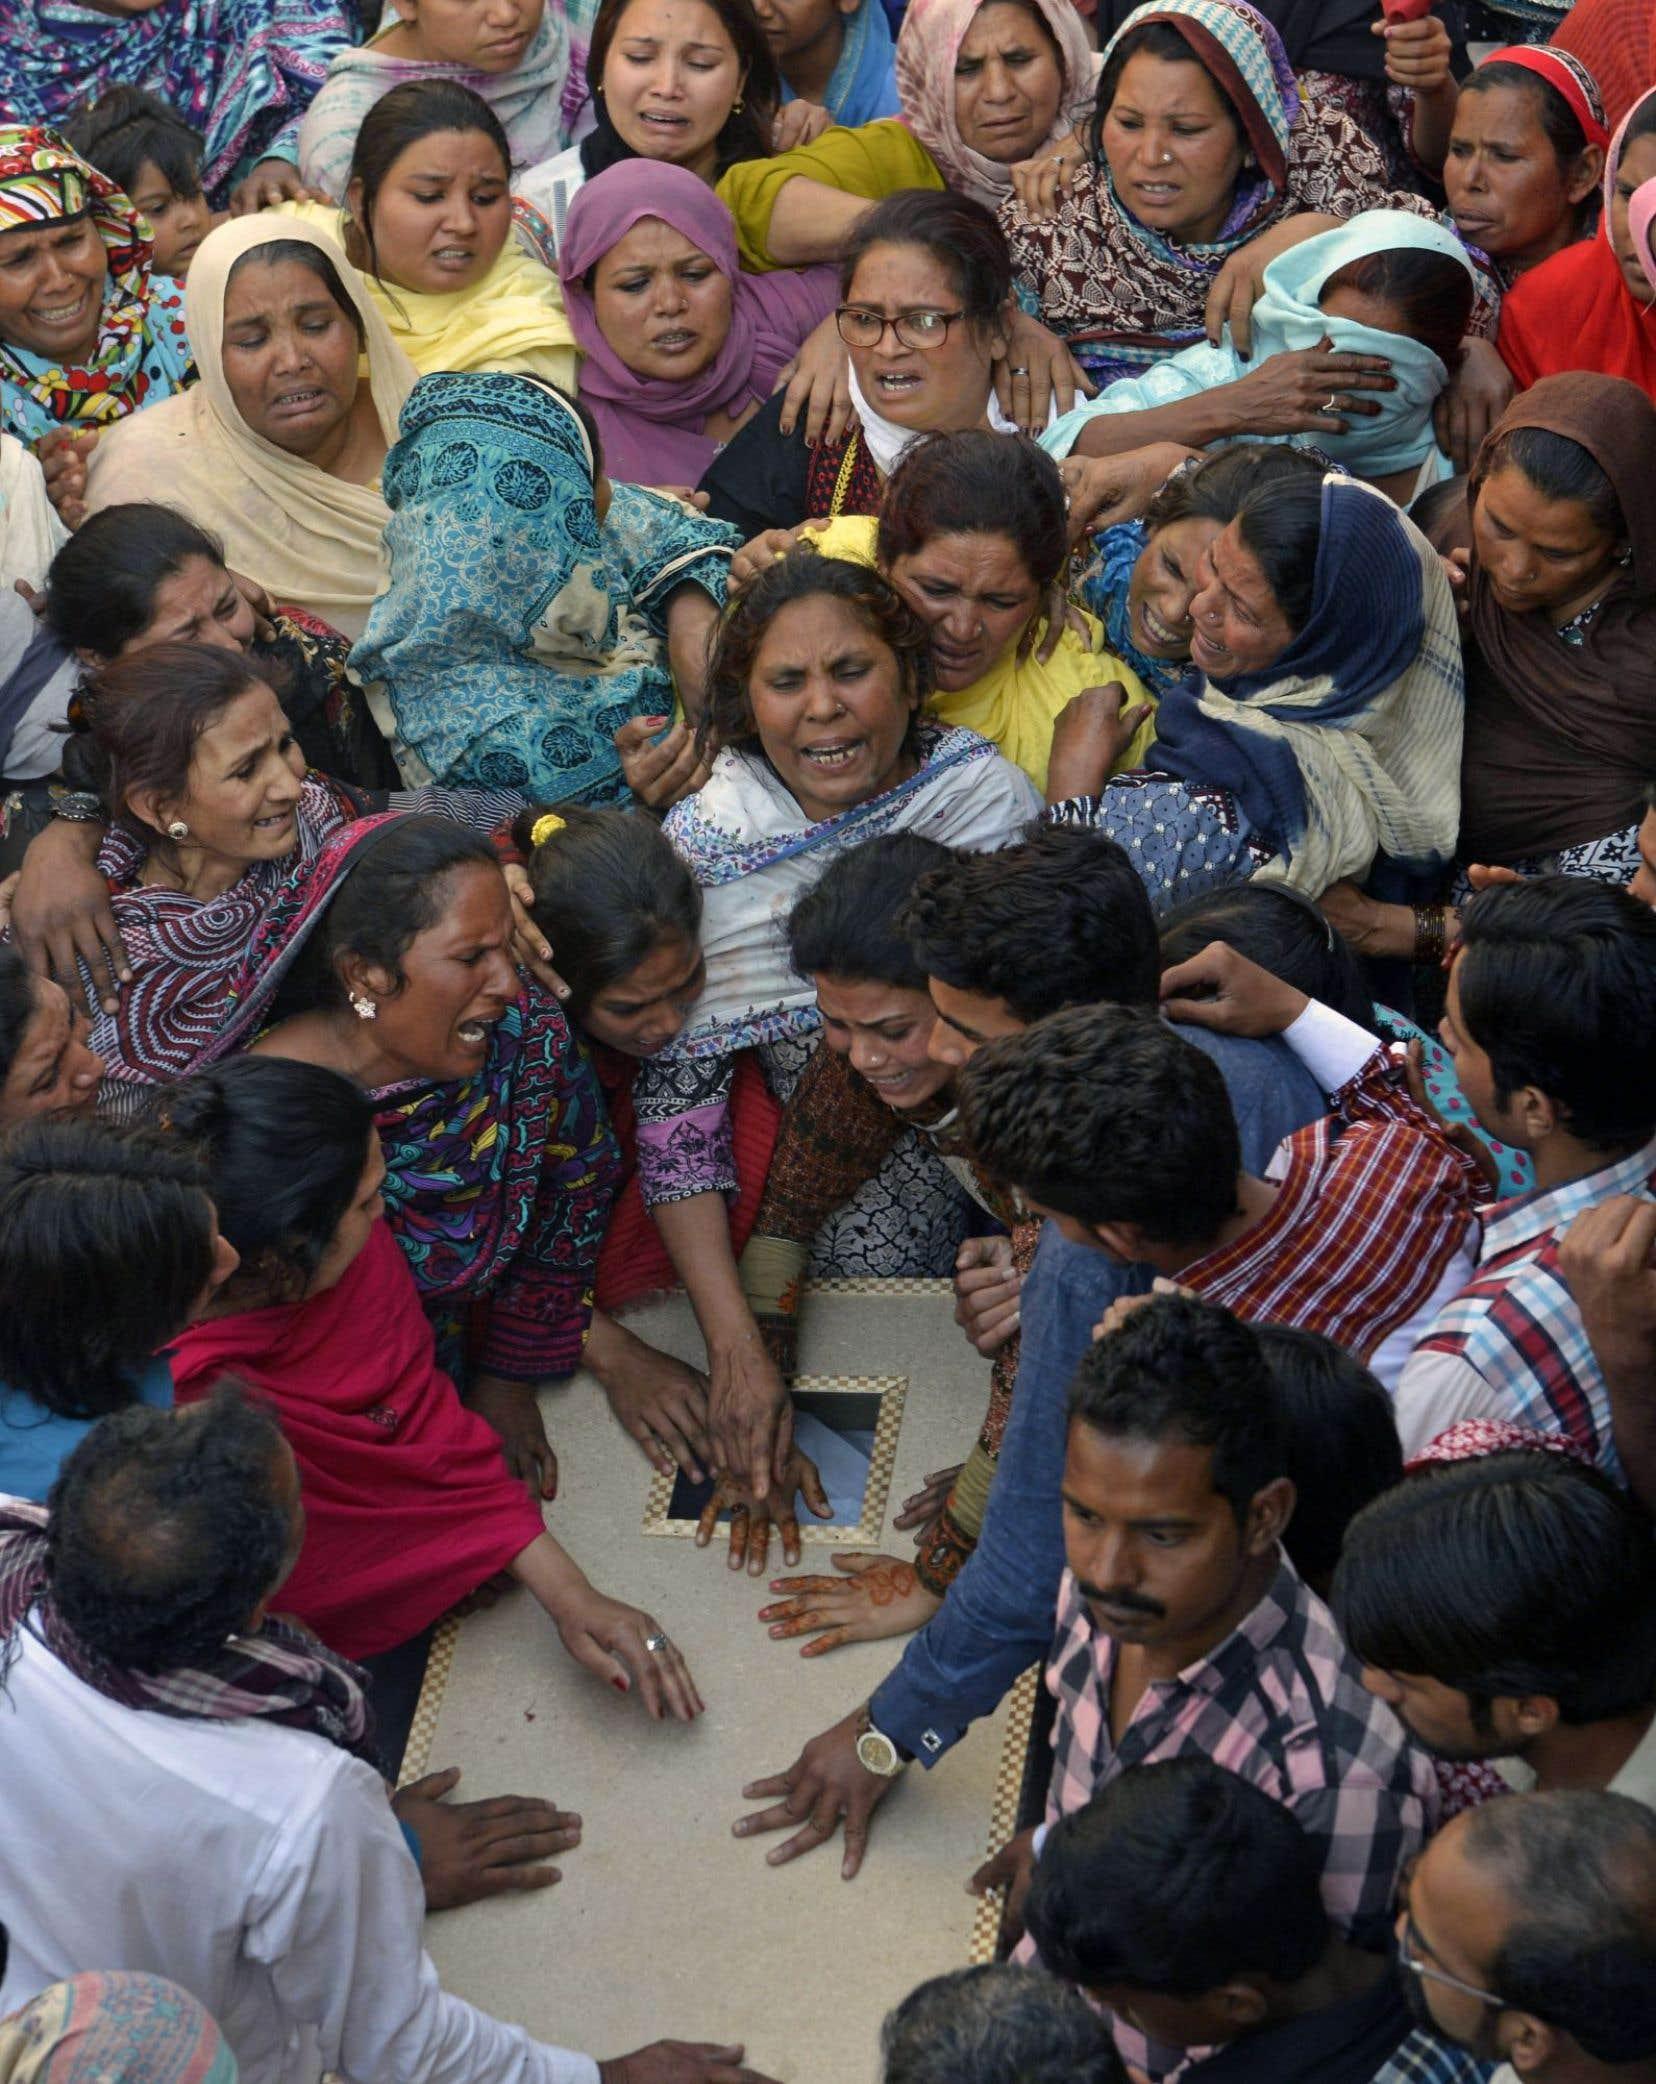 Le Pakistan a affiché lundi sa «détermination» à lutter contre le terrorisme alors qu'étaient enterrées les victimes d'un attentat taliban dans un parc fréquenté de Lahore en plein dimanche de Pâques.